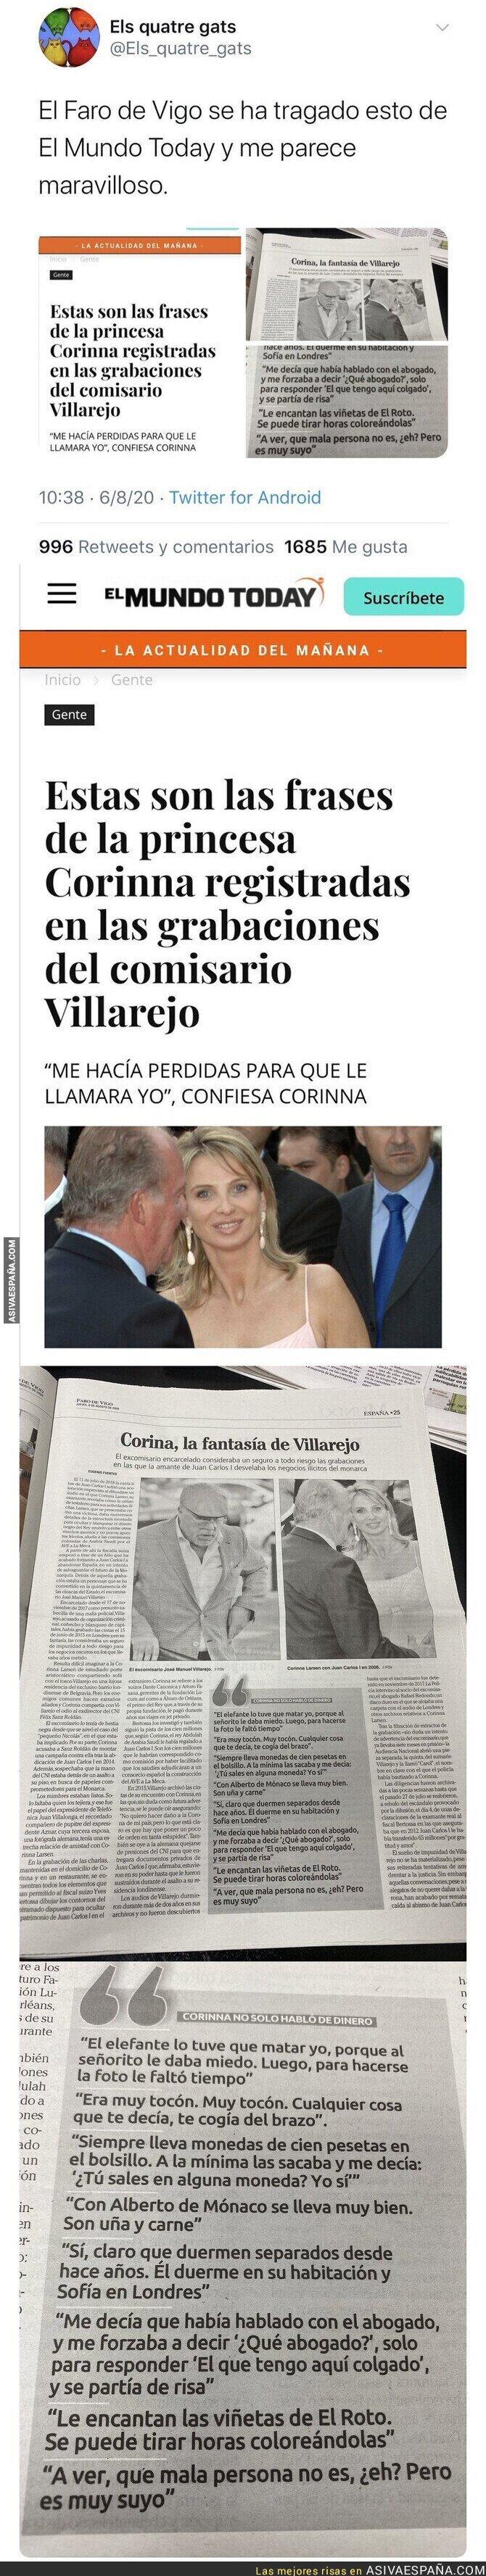 307764 - Espectacular: El 'Faro de Vigo' da como noticia real todas estas frases falsas de Corinna salidas de 'El Mundo Today'